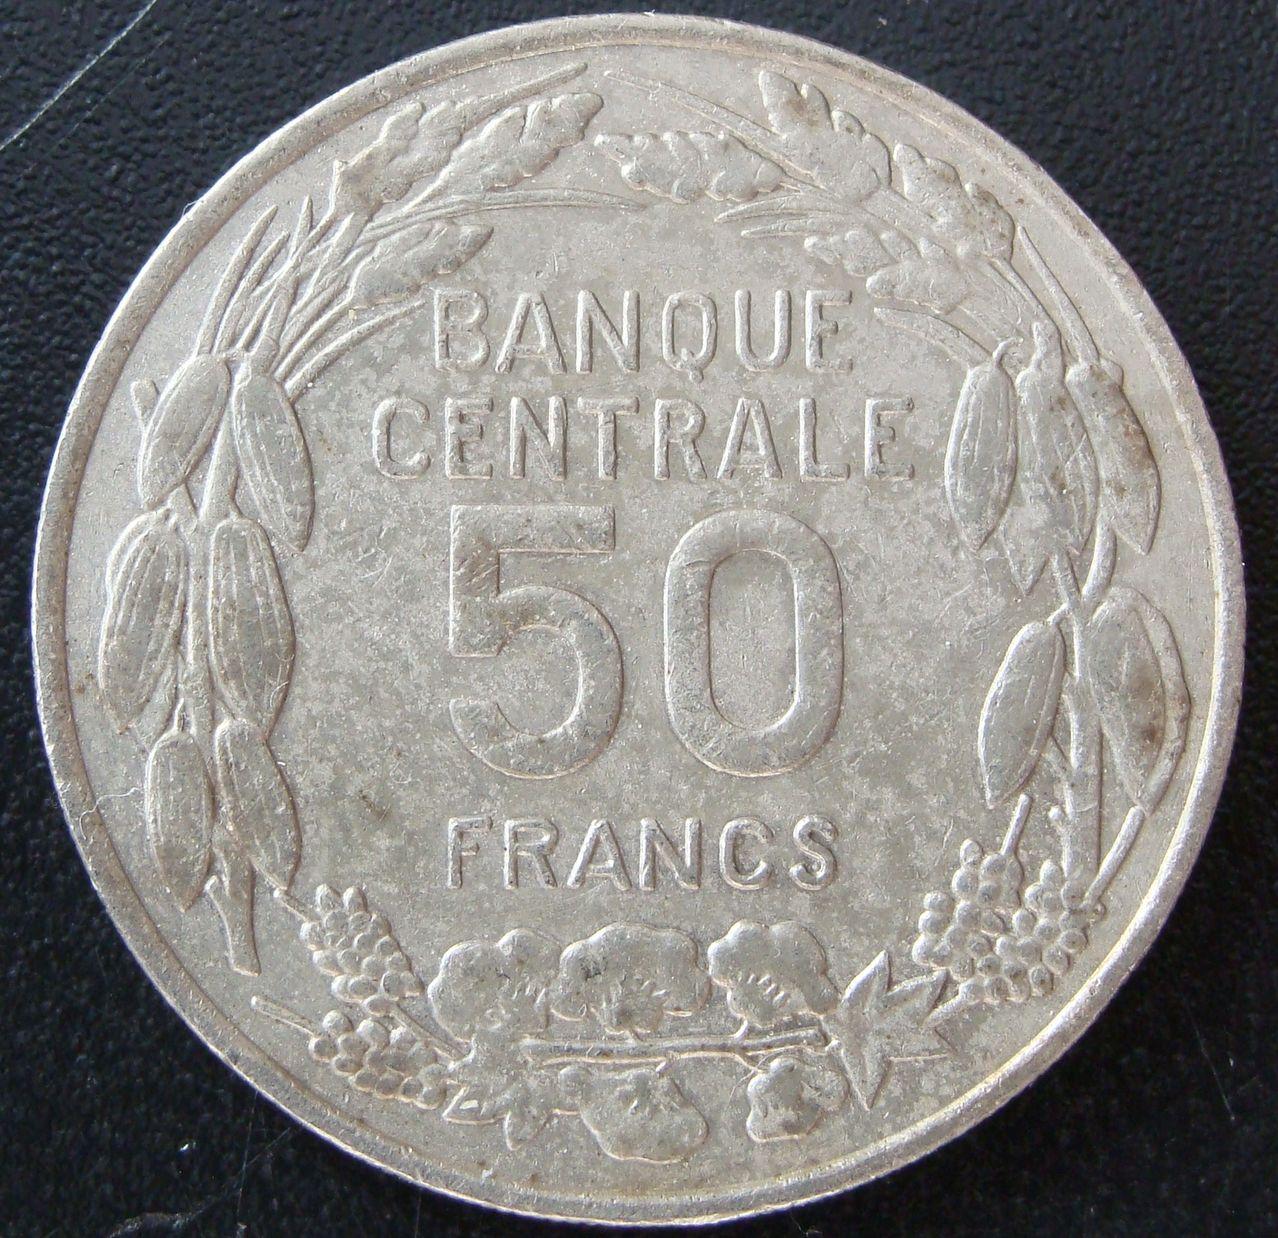 50 Francos. Camerún (1960) CAM_50_Francos_Independencia_rev